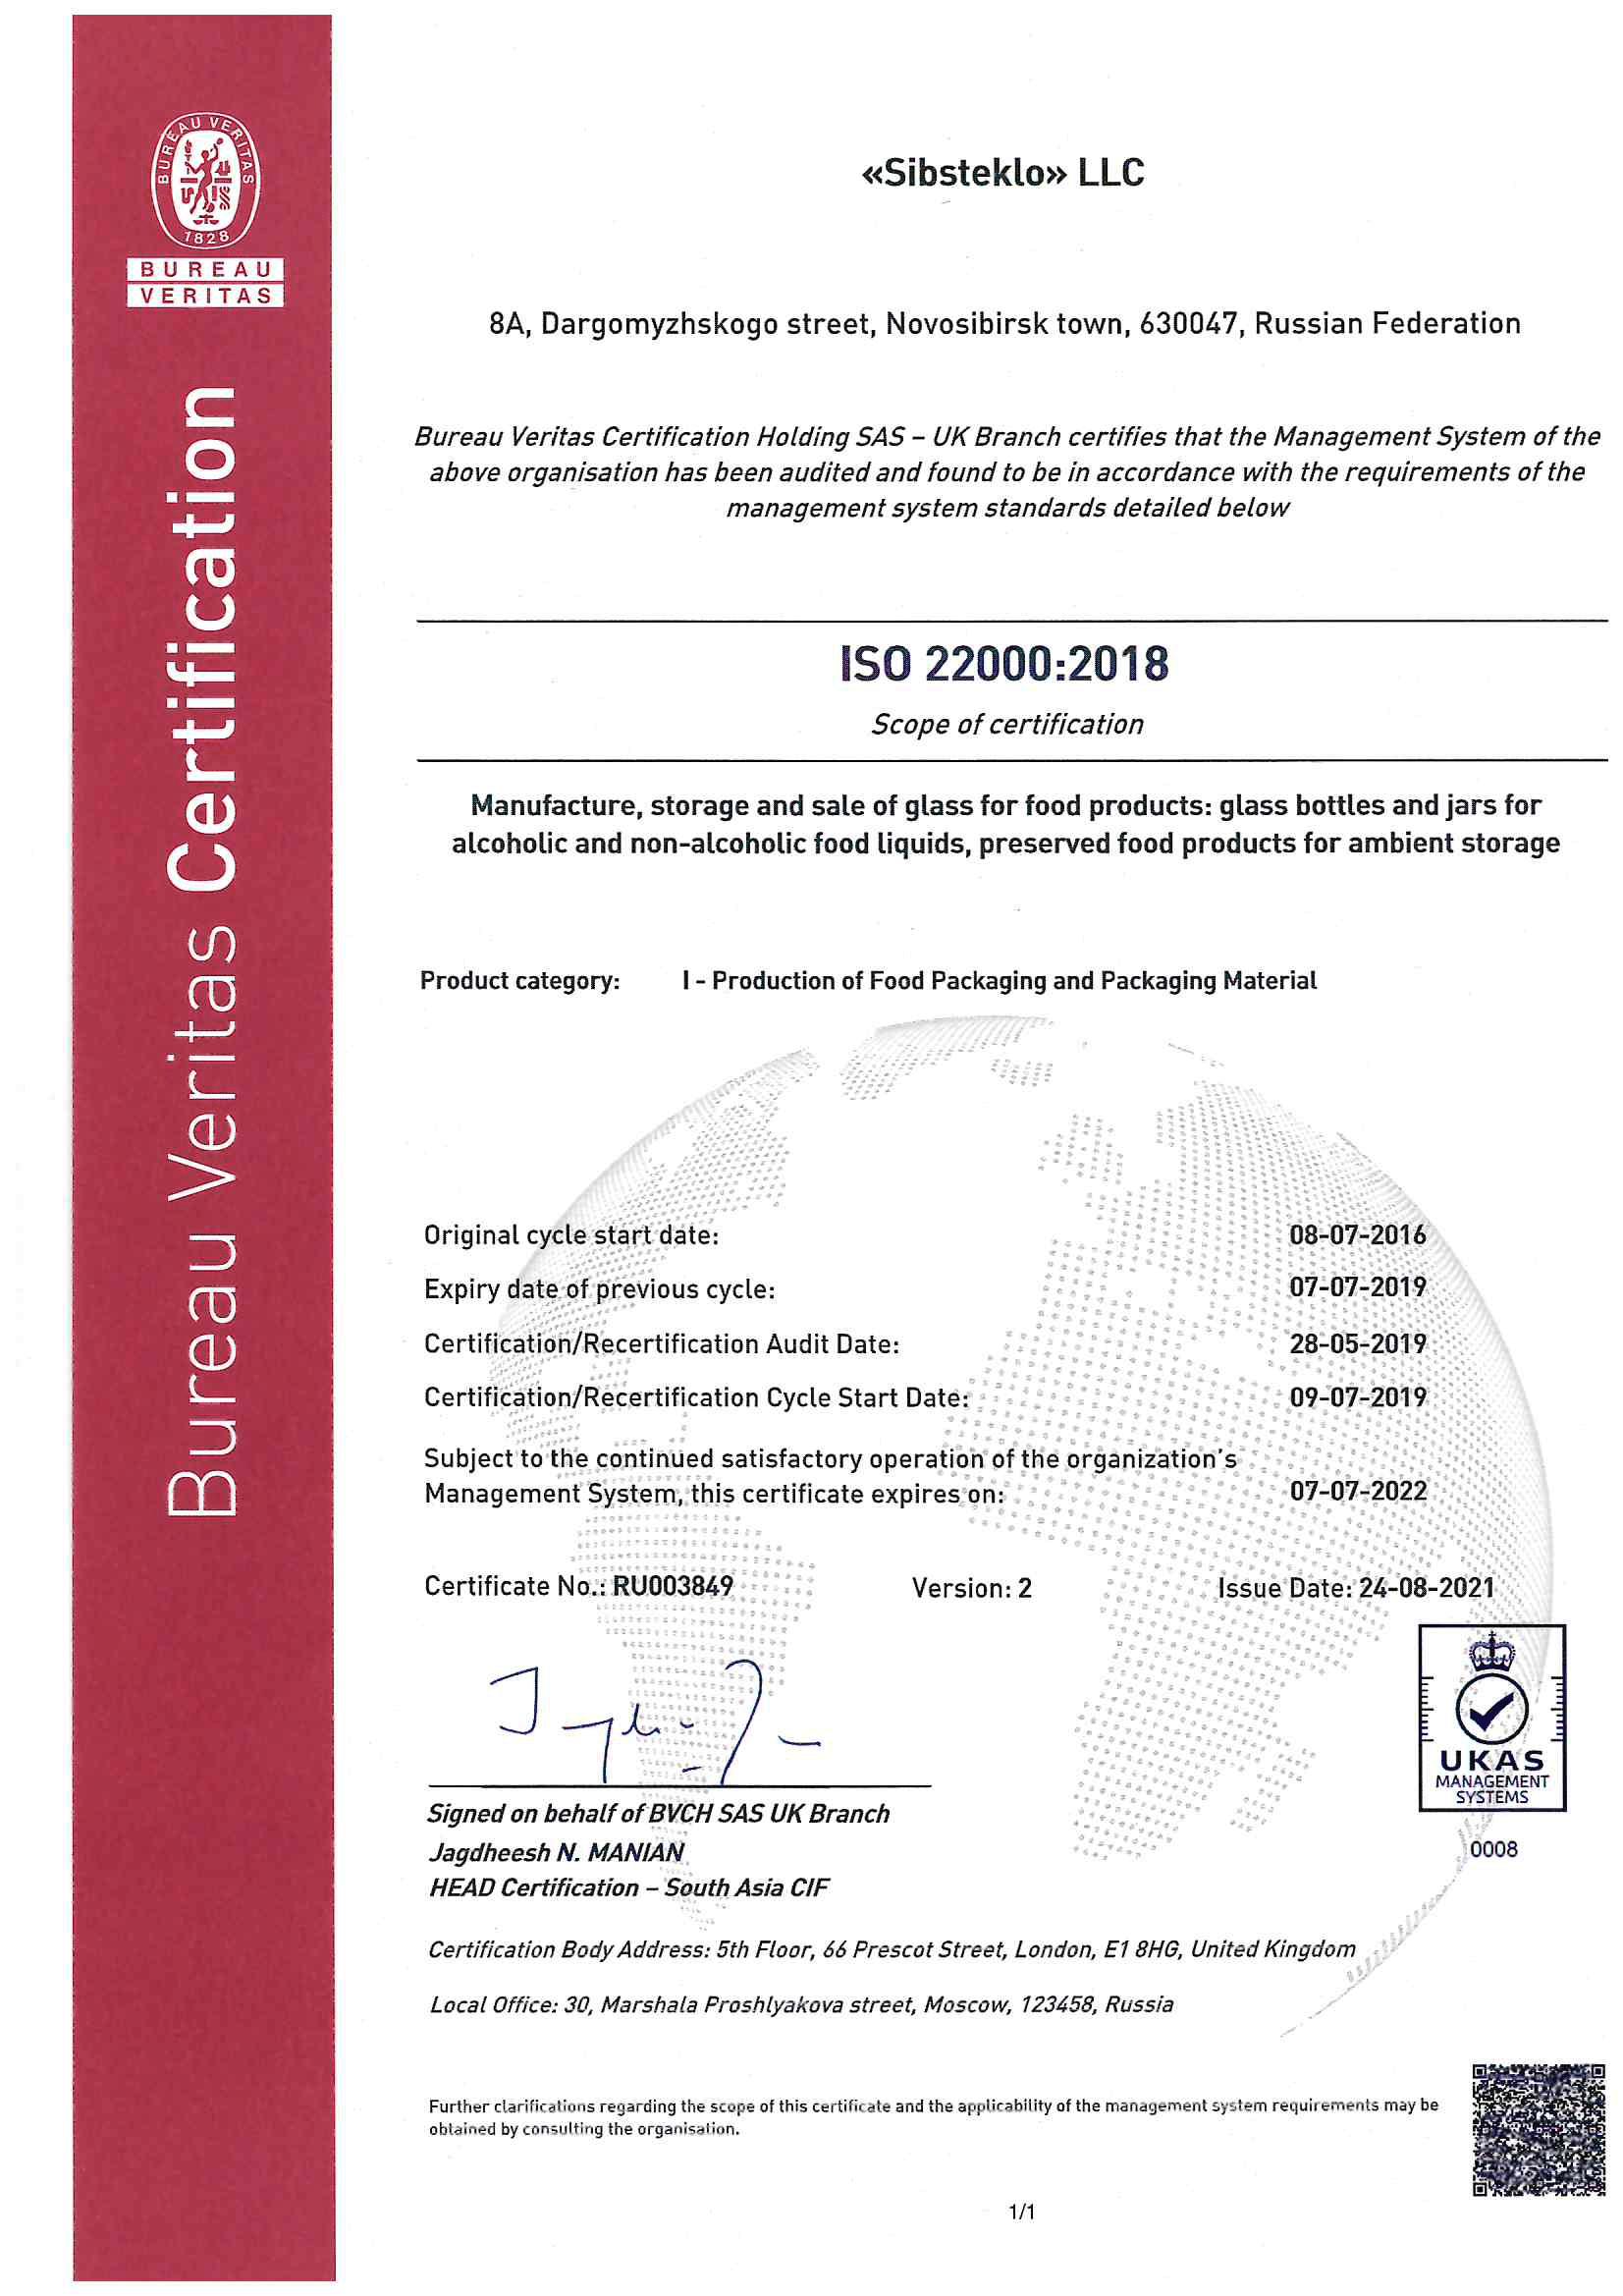 Сертификат соответствия ISO 22000:2018 (eng)